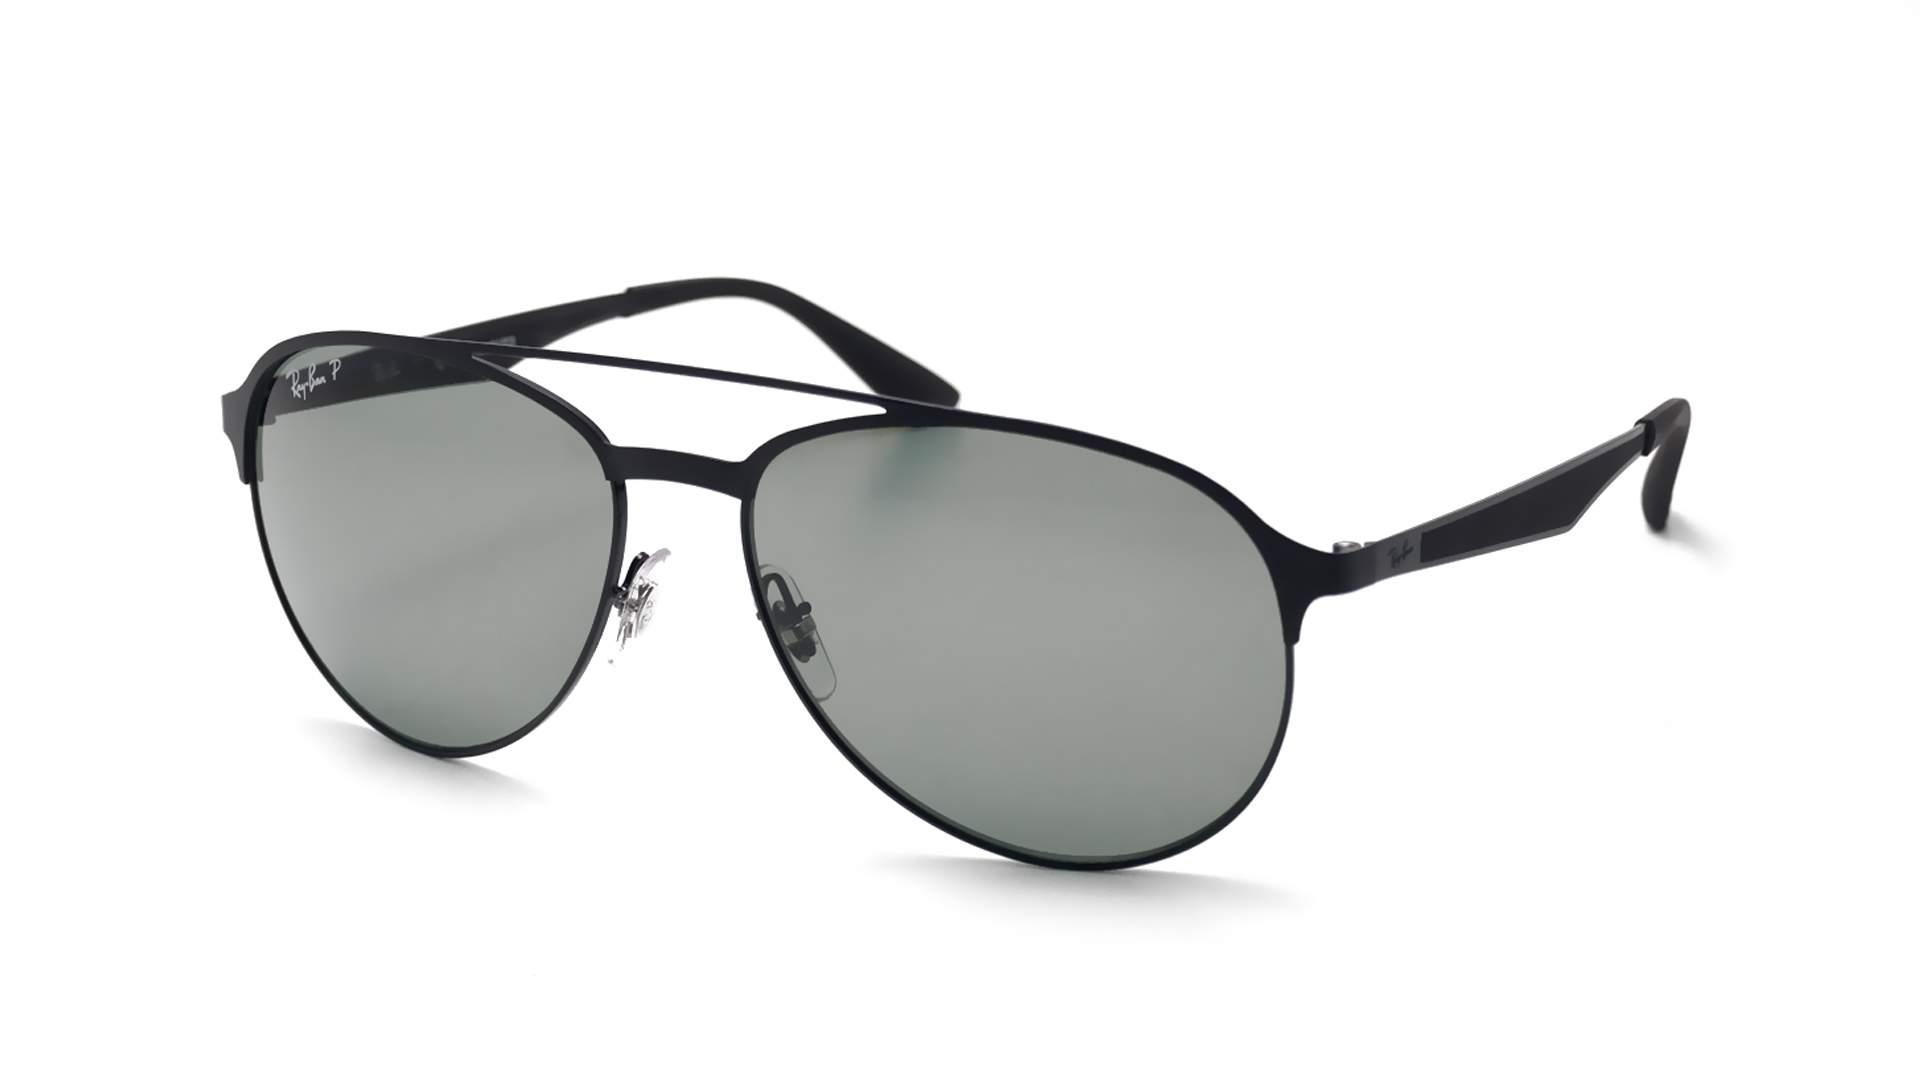 Sunglasses Ray-Ban RB3606 186 9A 59-16 Black Matte Large Polarized 47e8d7bb8ab2